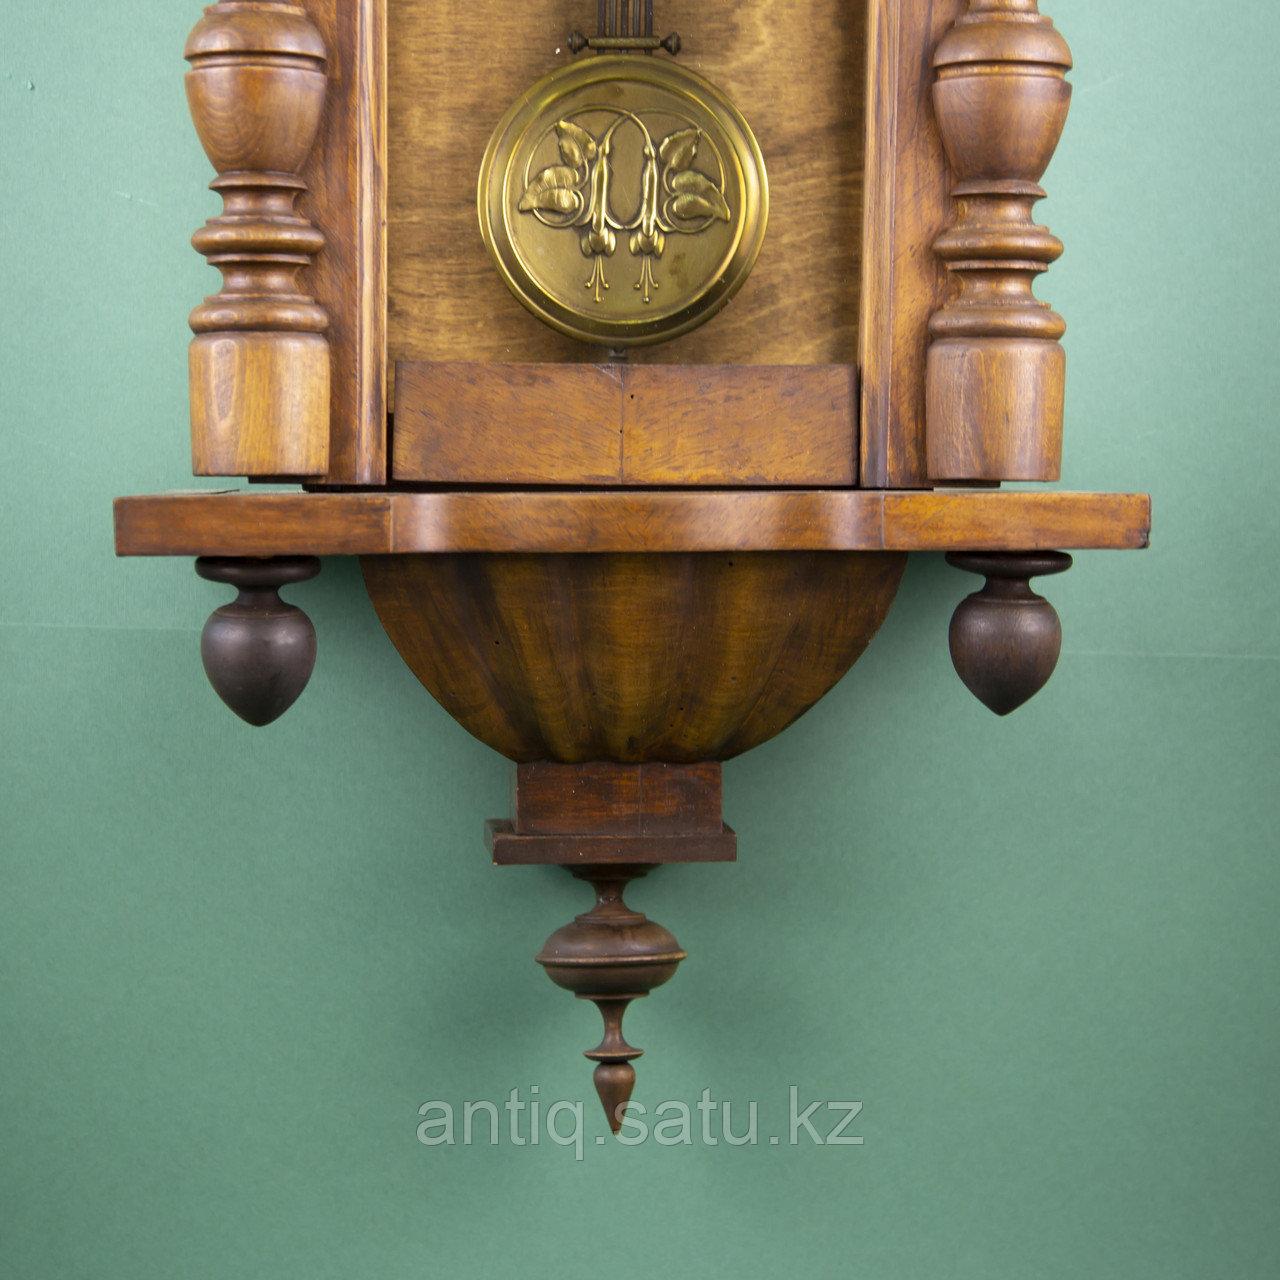 Настенные часы Часовая мастерская Franz Hermle & Sohne - фото 4